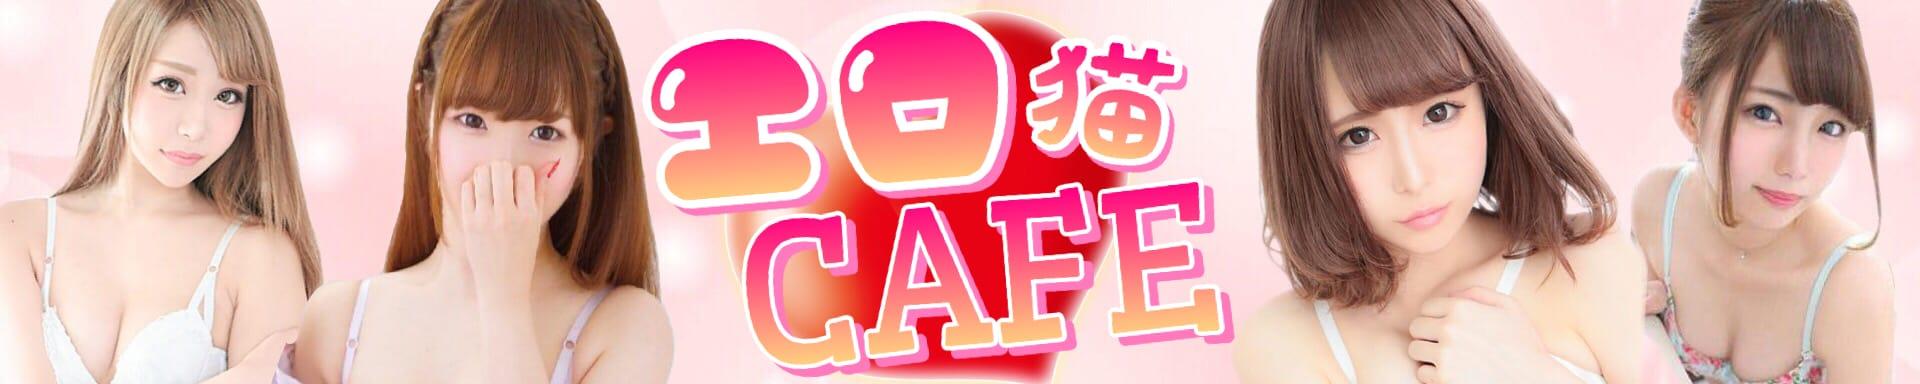 エロ猫CAFE 〜名古屋店〜